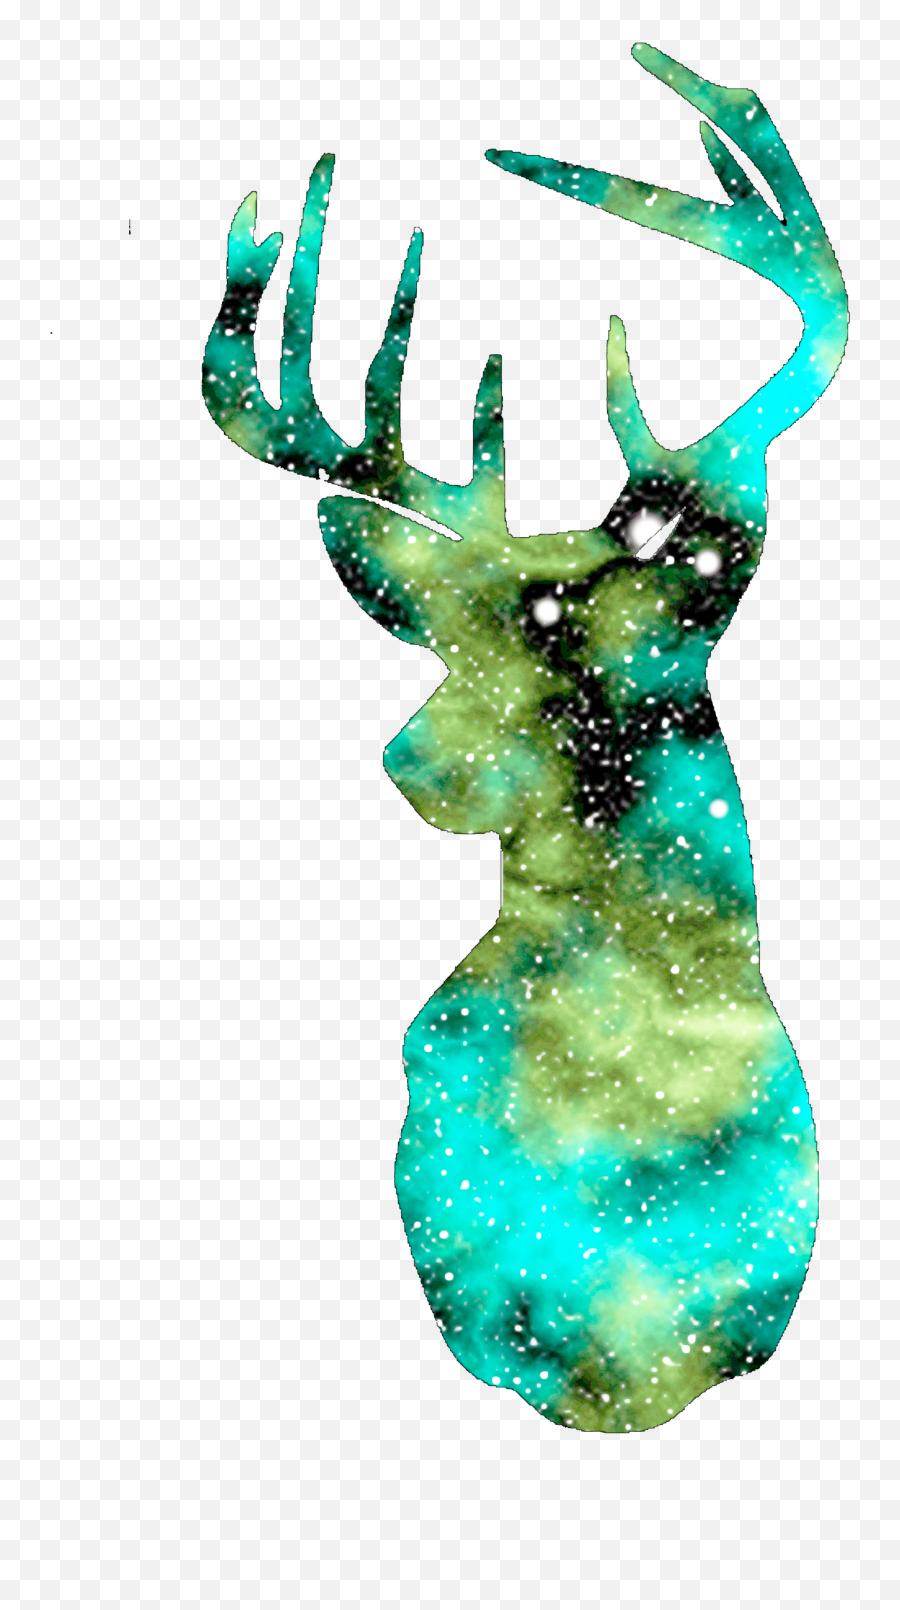 Deer Silhouette Galaxy - Transparent Galaxy Deer Emoji,Deer Emoji Iphone